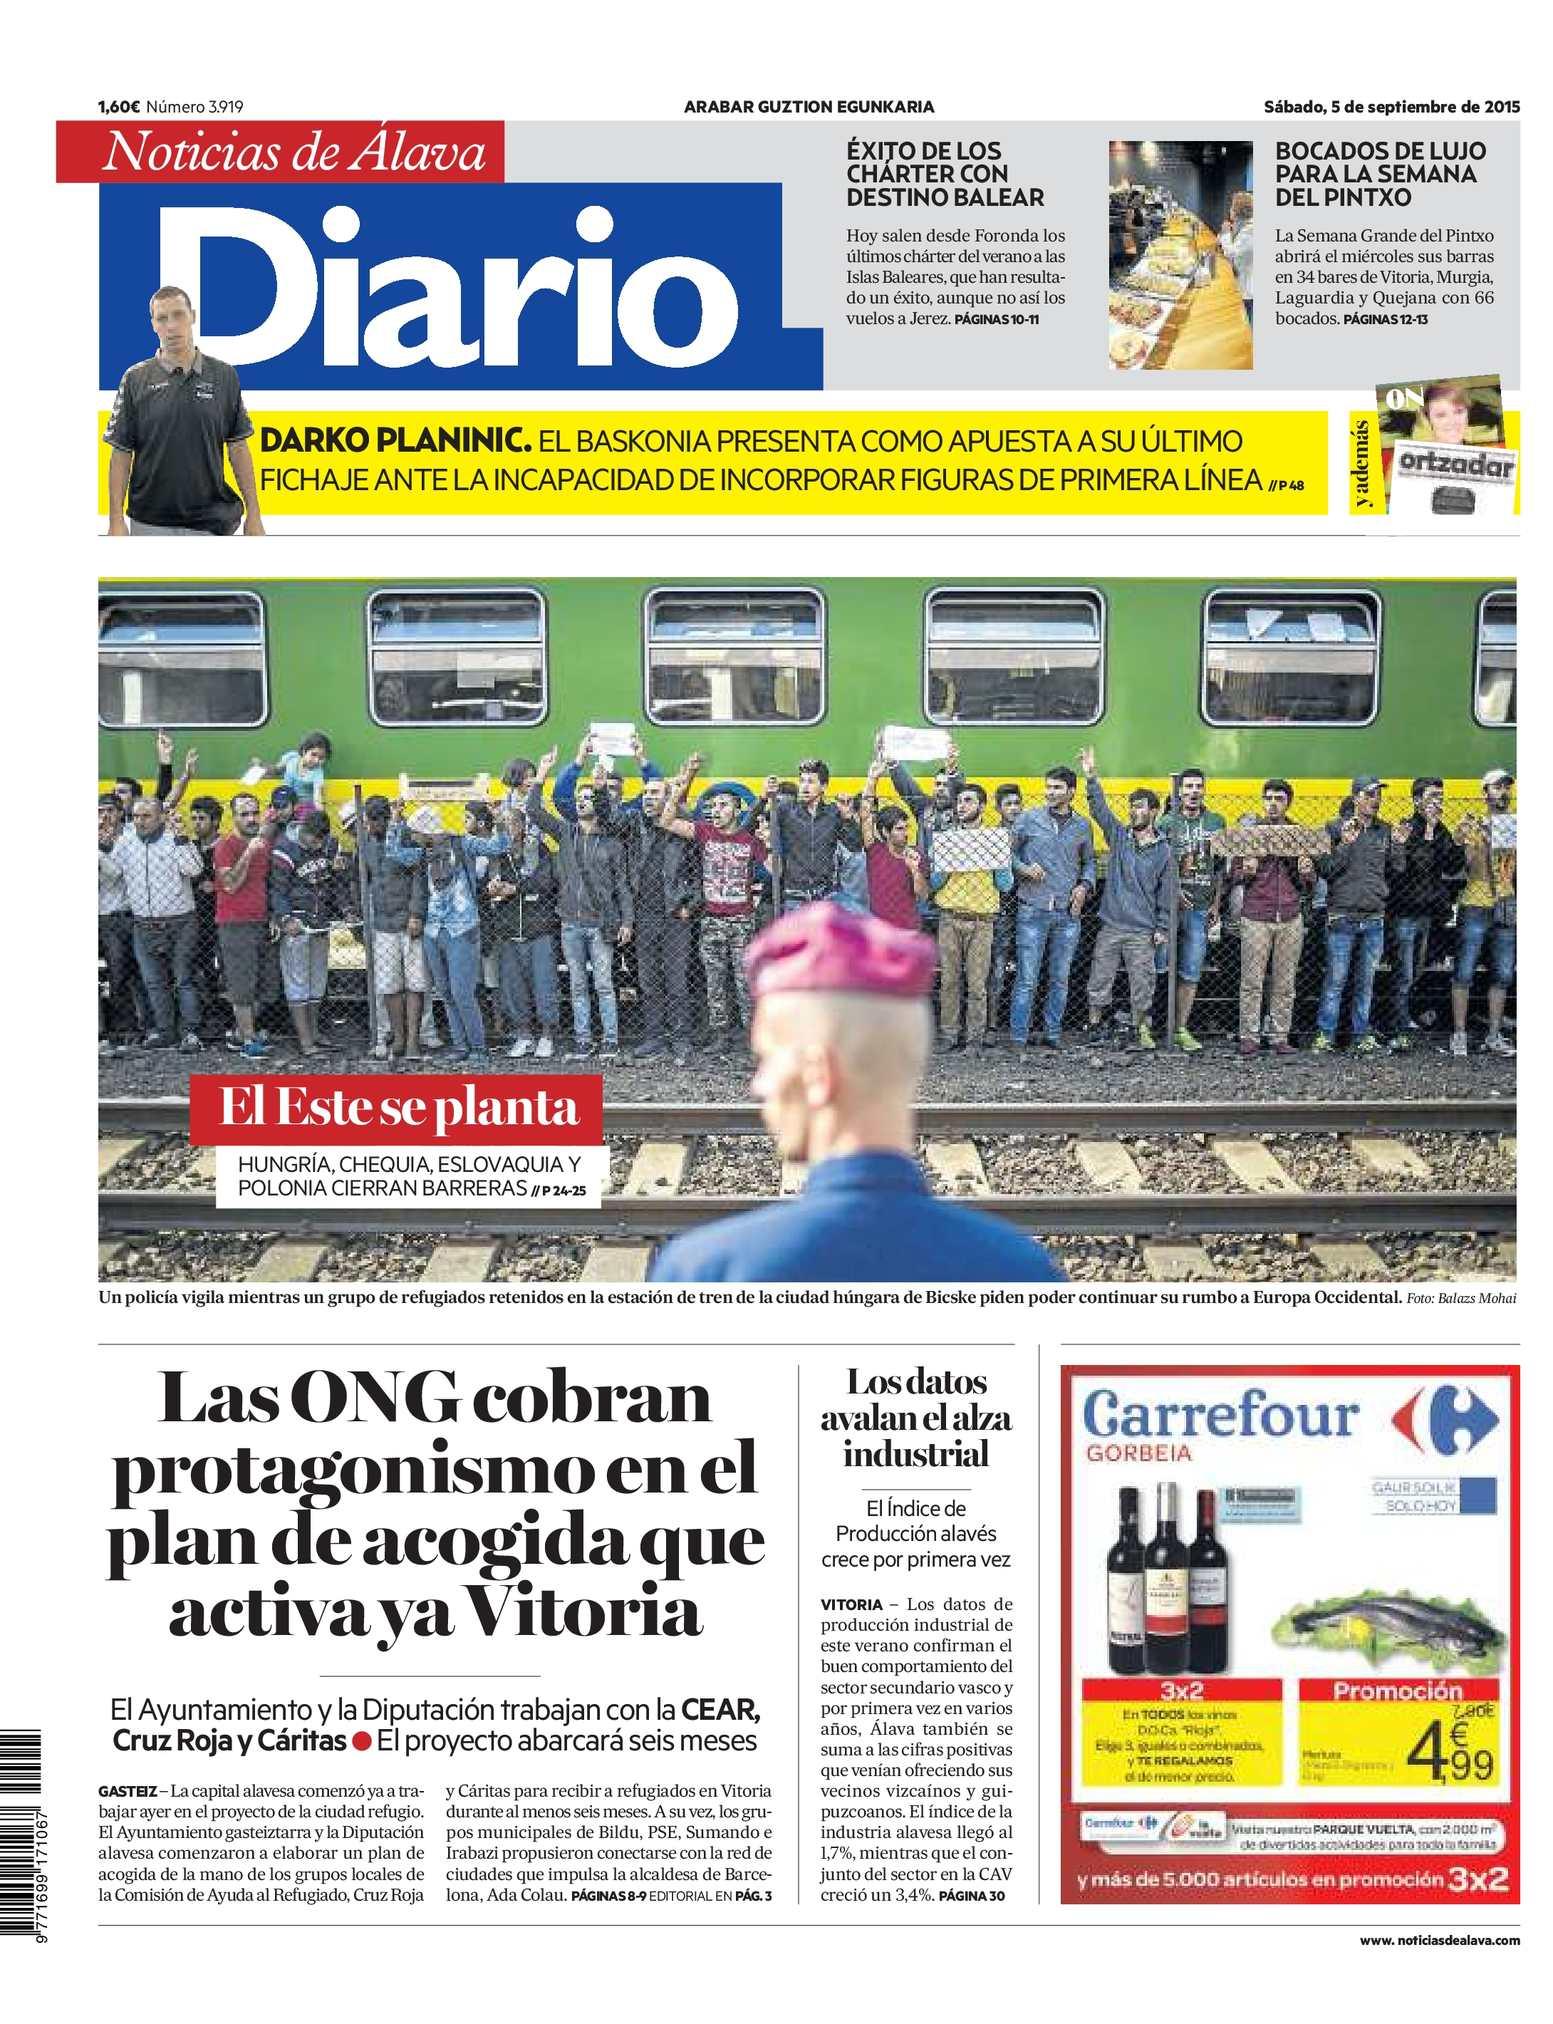 Diario Noticias 20150905 Calaméo De Álava xodWQCBre